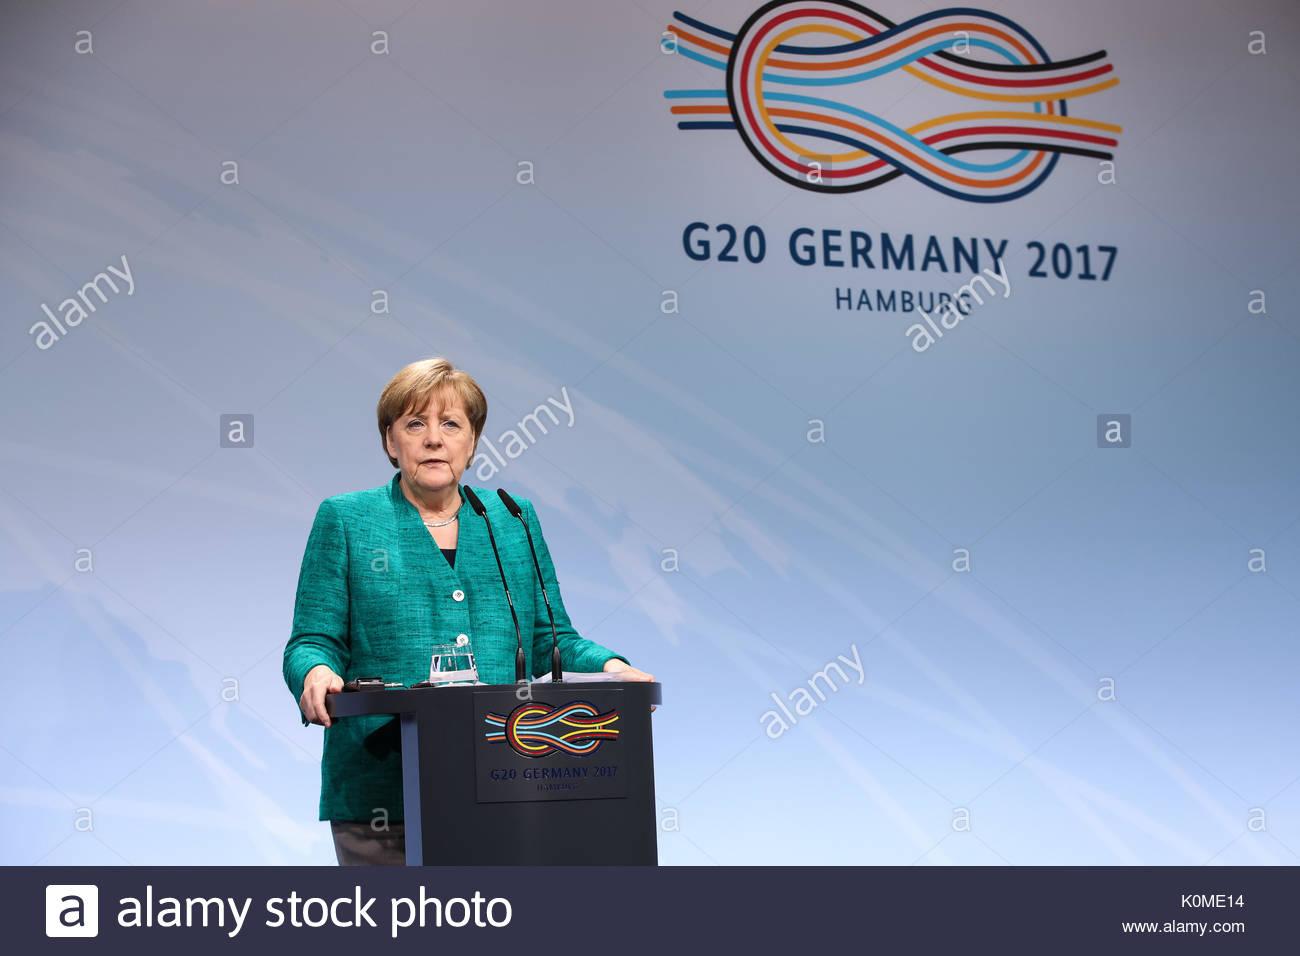 Bundeskanzlerin Angela Merkel bei der Abschlusspressekonferenz beim G20 Gipfel in den Messehallen in Hamburg. - Stock Image